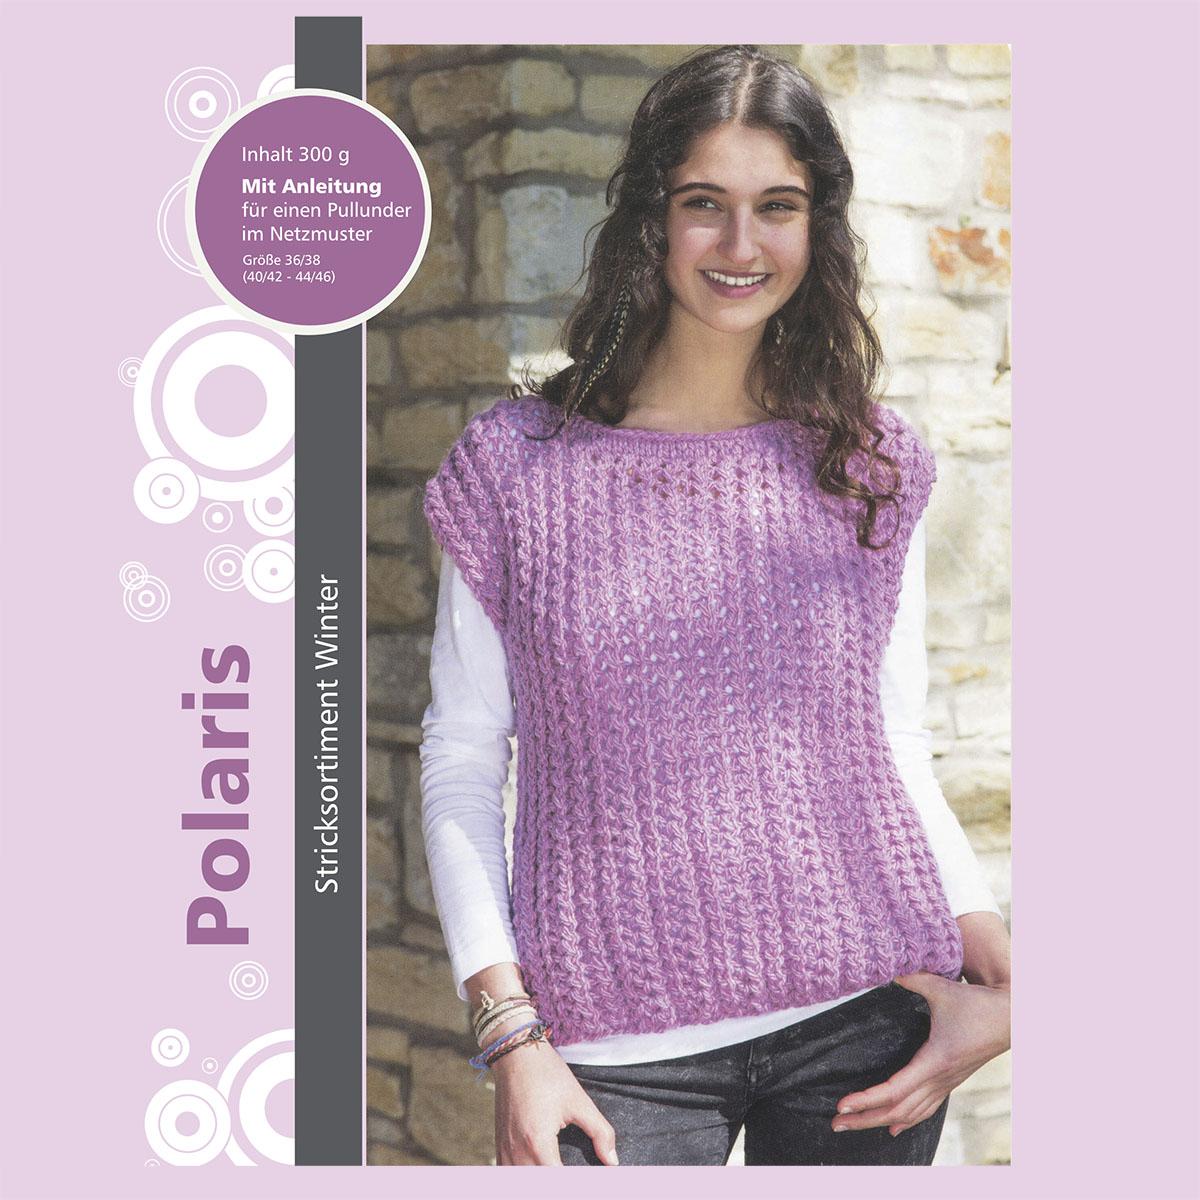 Набор для вязания жилета 'Polaris' 6*50гр 6*54м (65% полиакрил, 30% шерсть, 5% альпака)